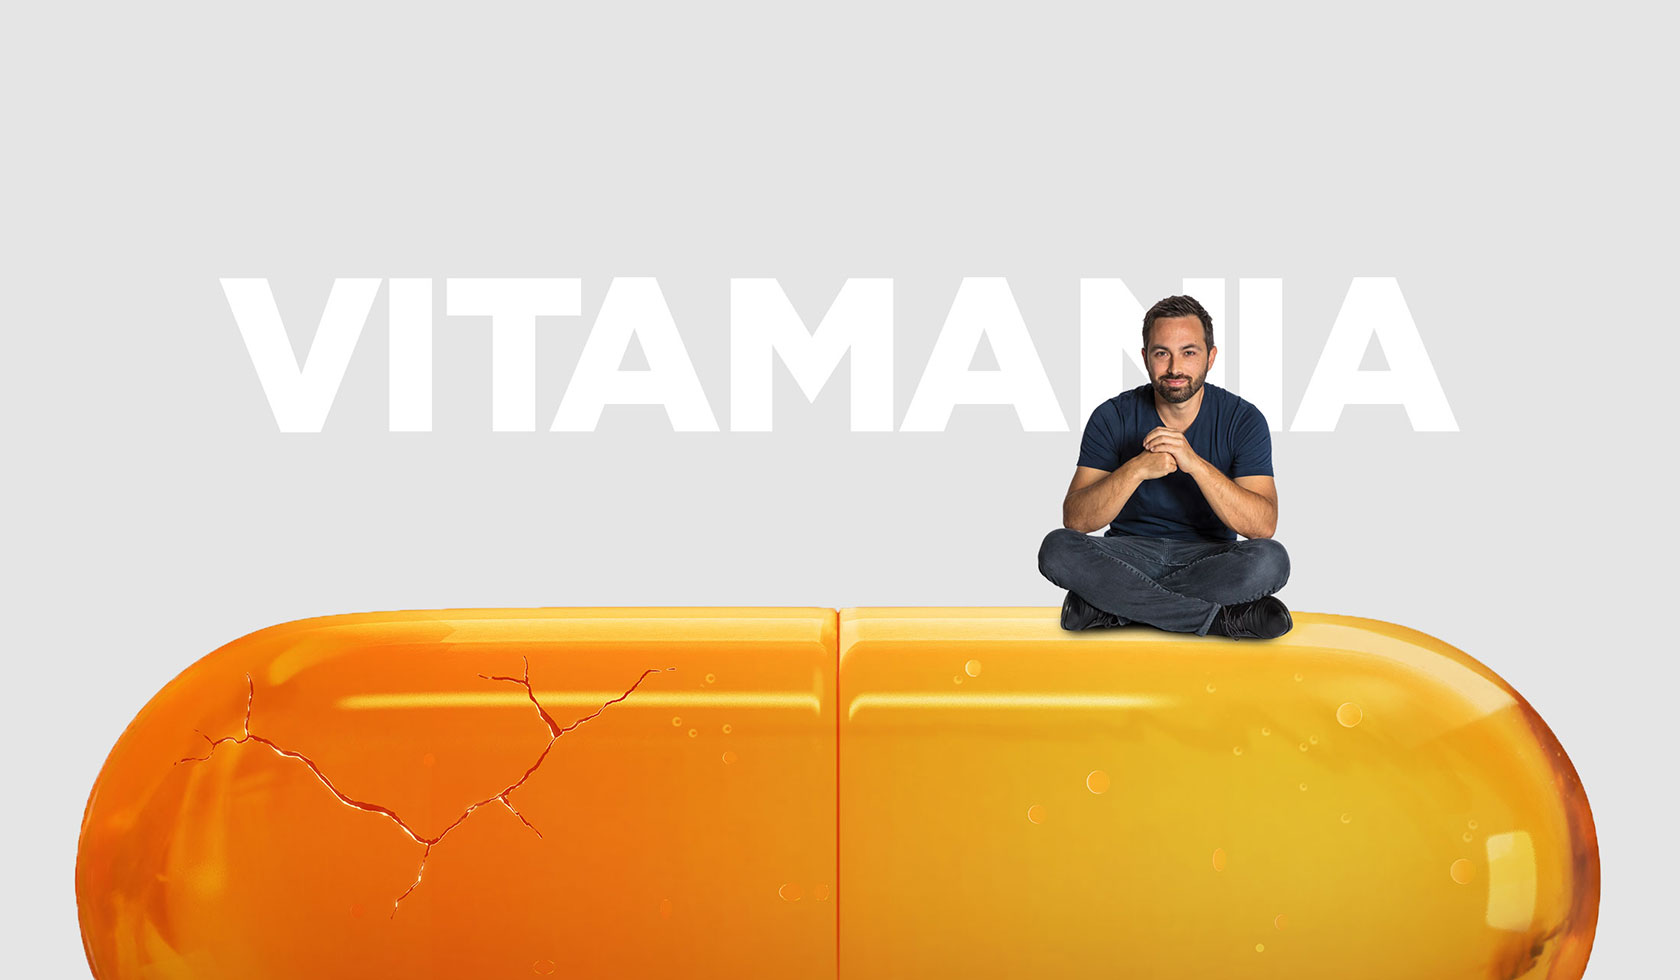 فيتامانيا هوس الفيتامينات